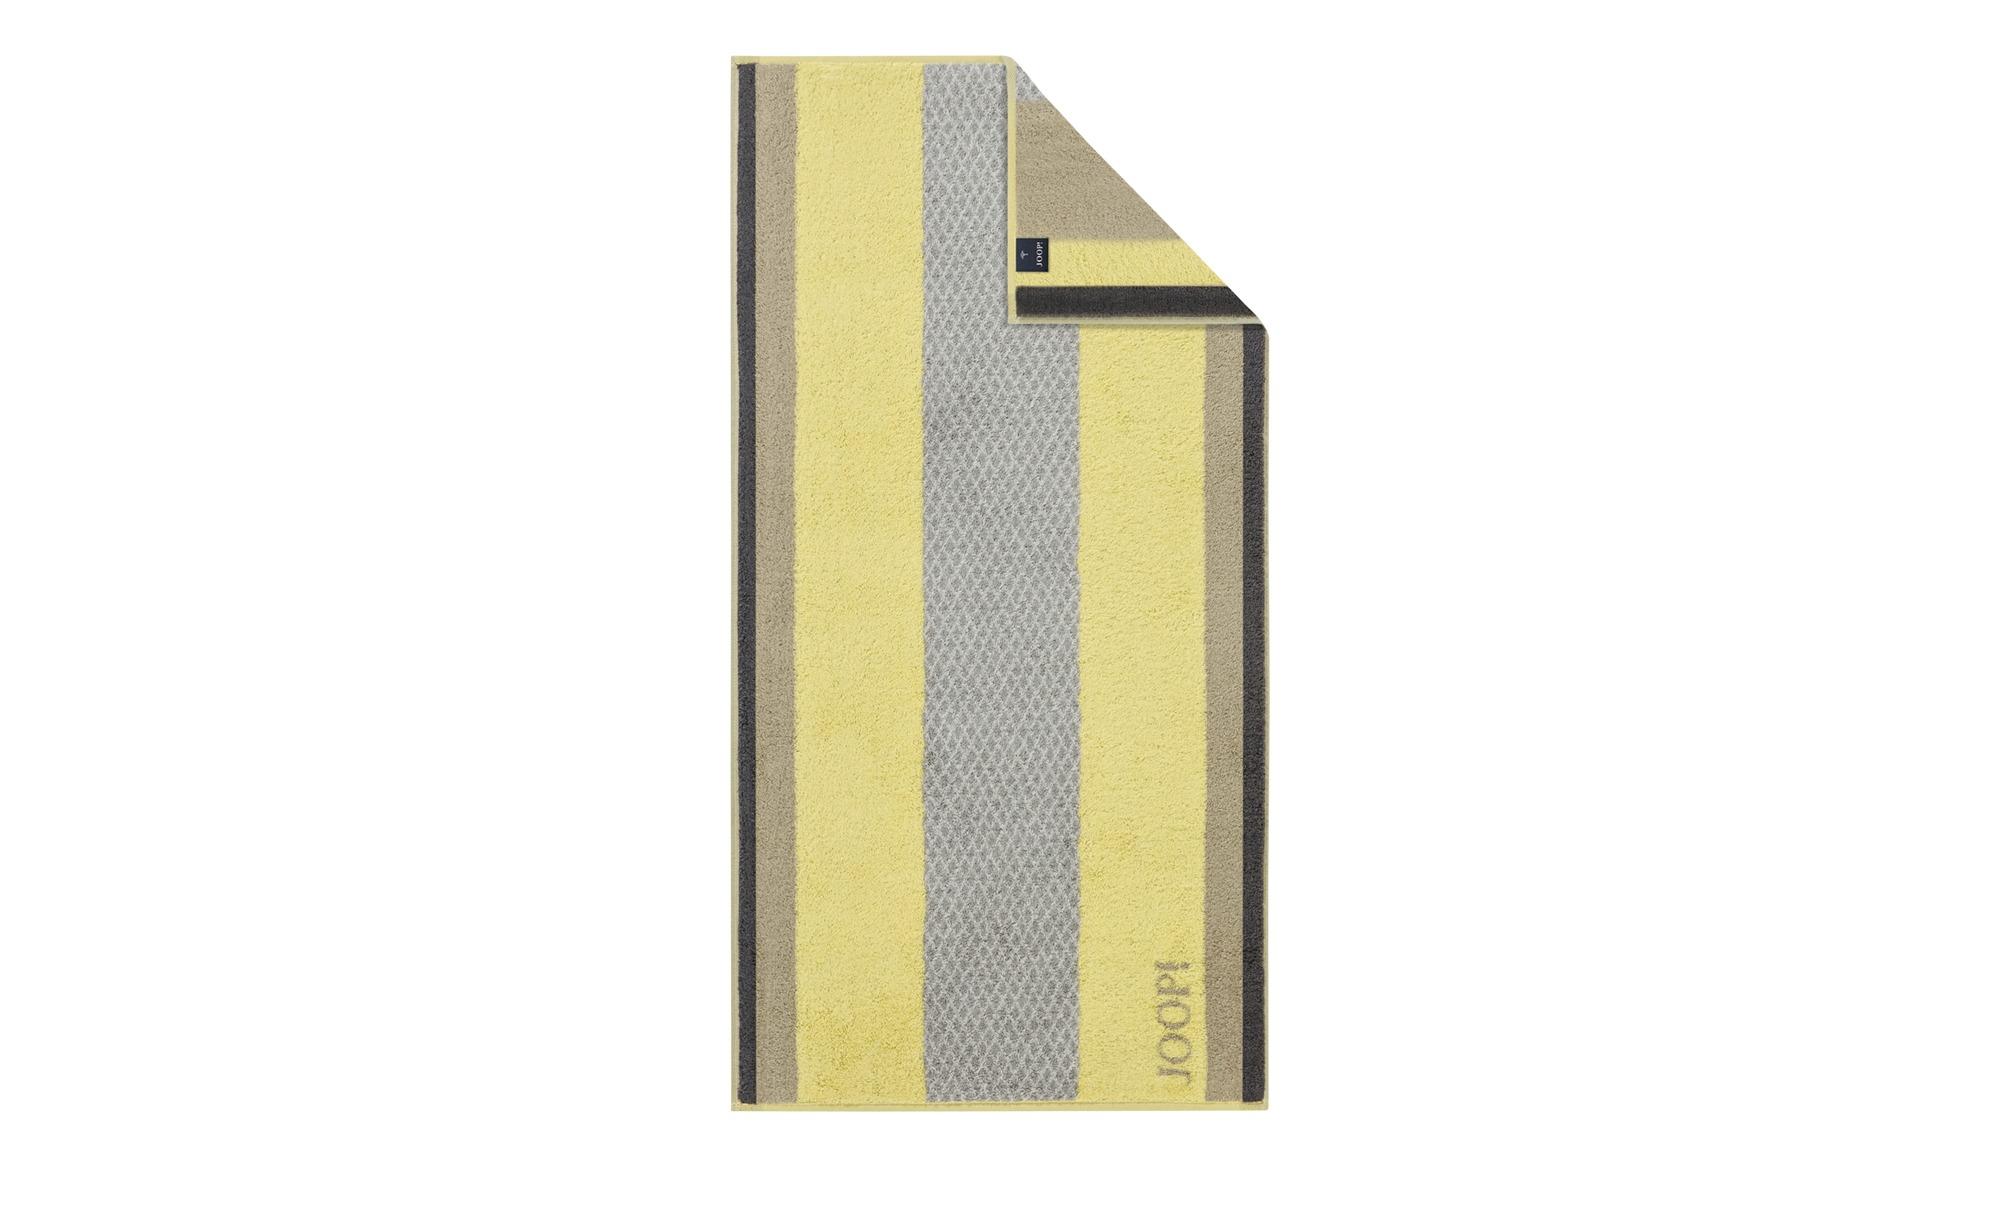 billigsten Verkauf wo kann ich kaufen Shop für echte JOOP! Handtuch JOOP 1669 Diamond Stripes, gefunden bei Möbel Höffner